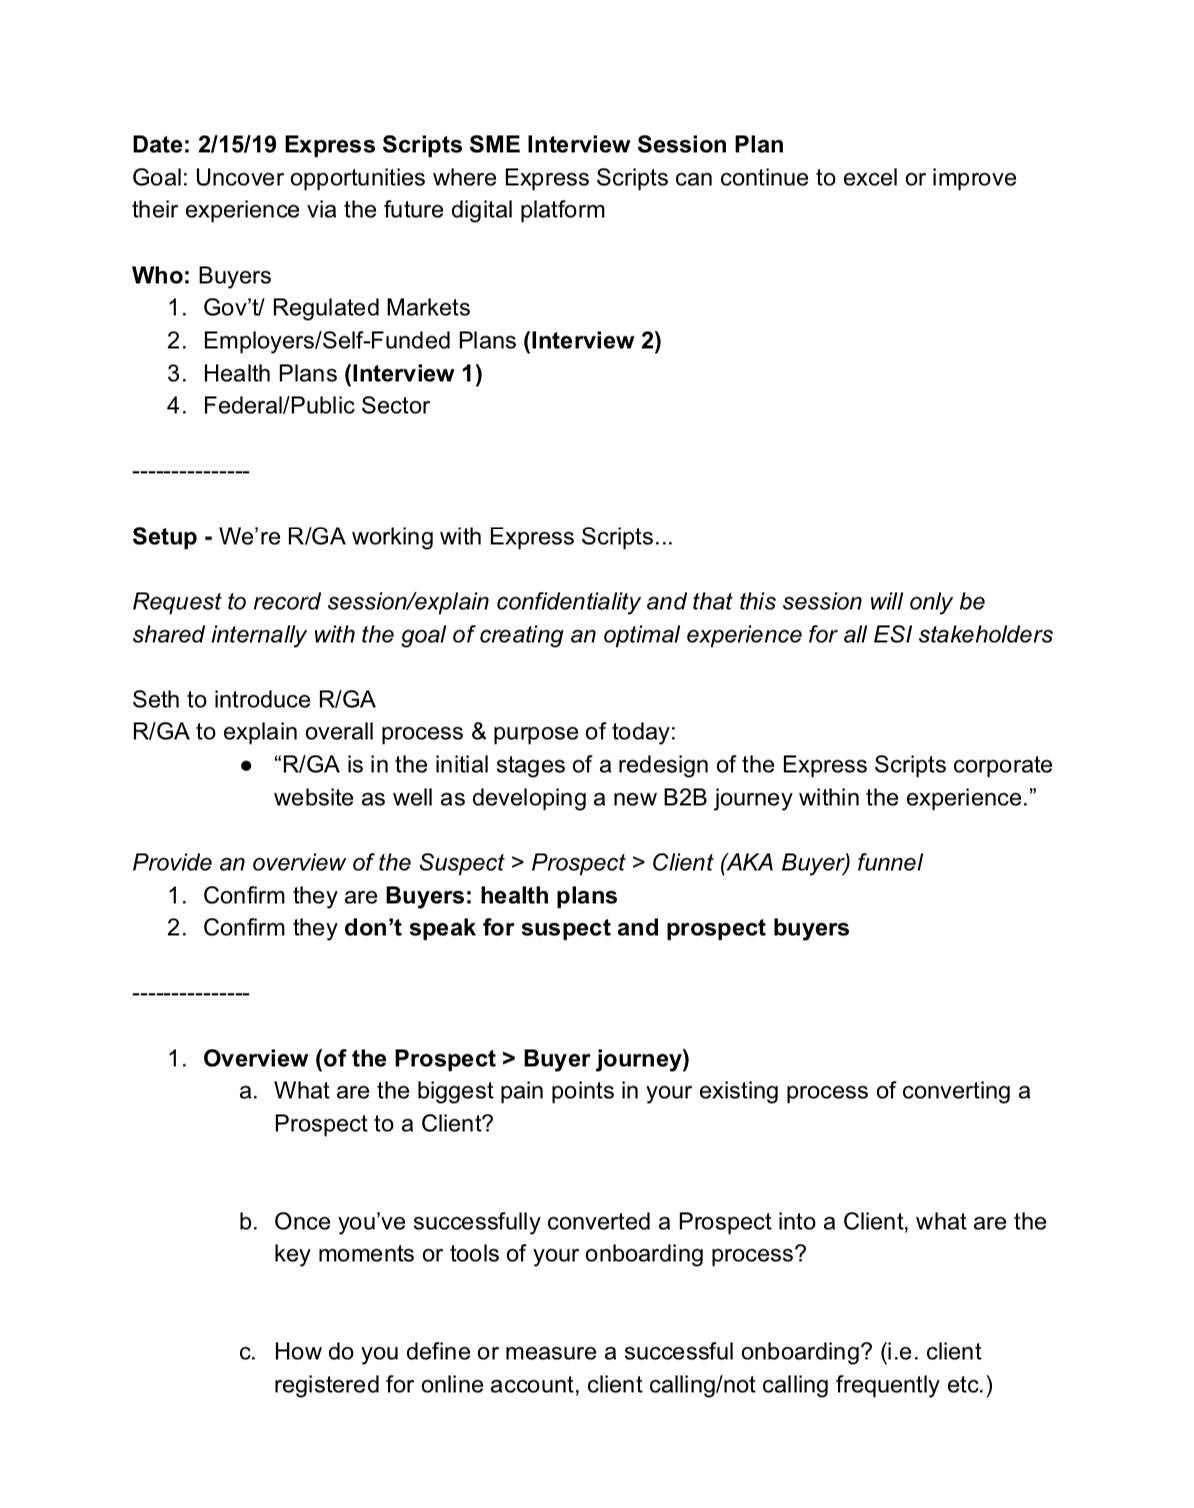 Stakeholder interviews: interview script